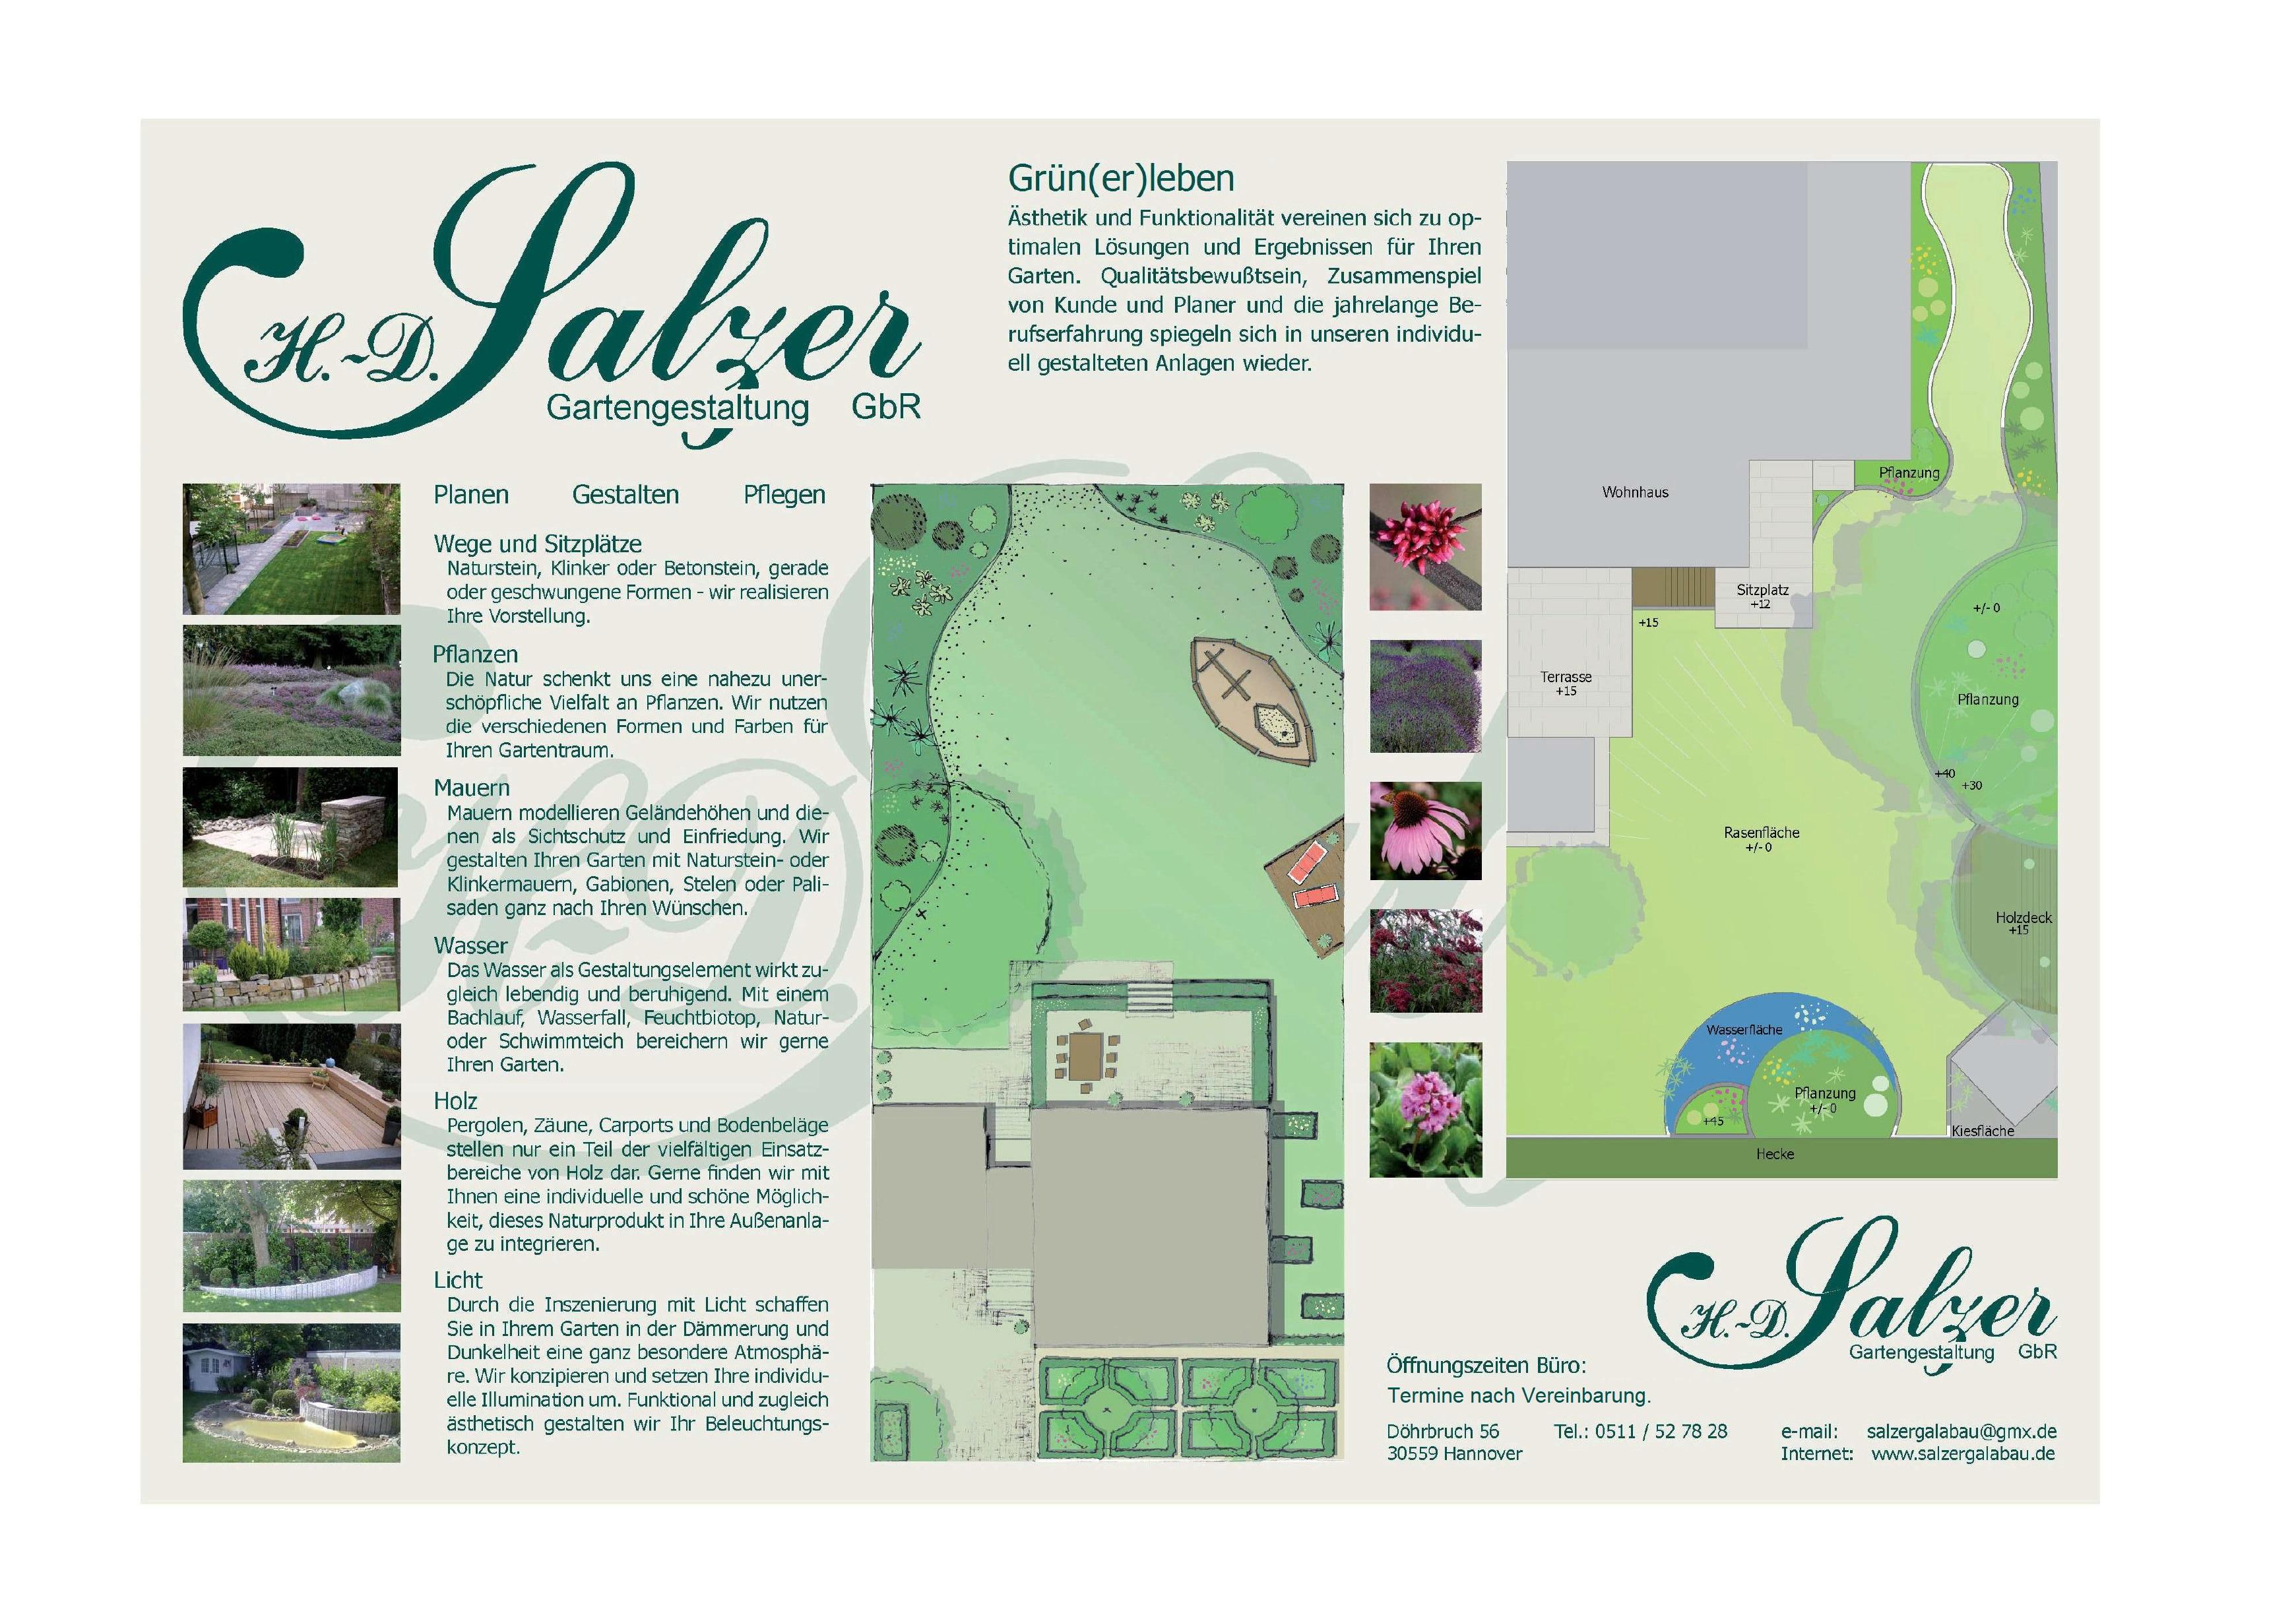 Vorschaubild Galabau mit Link zu entsprechendem PDF.